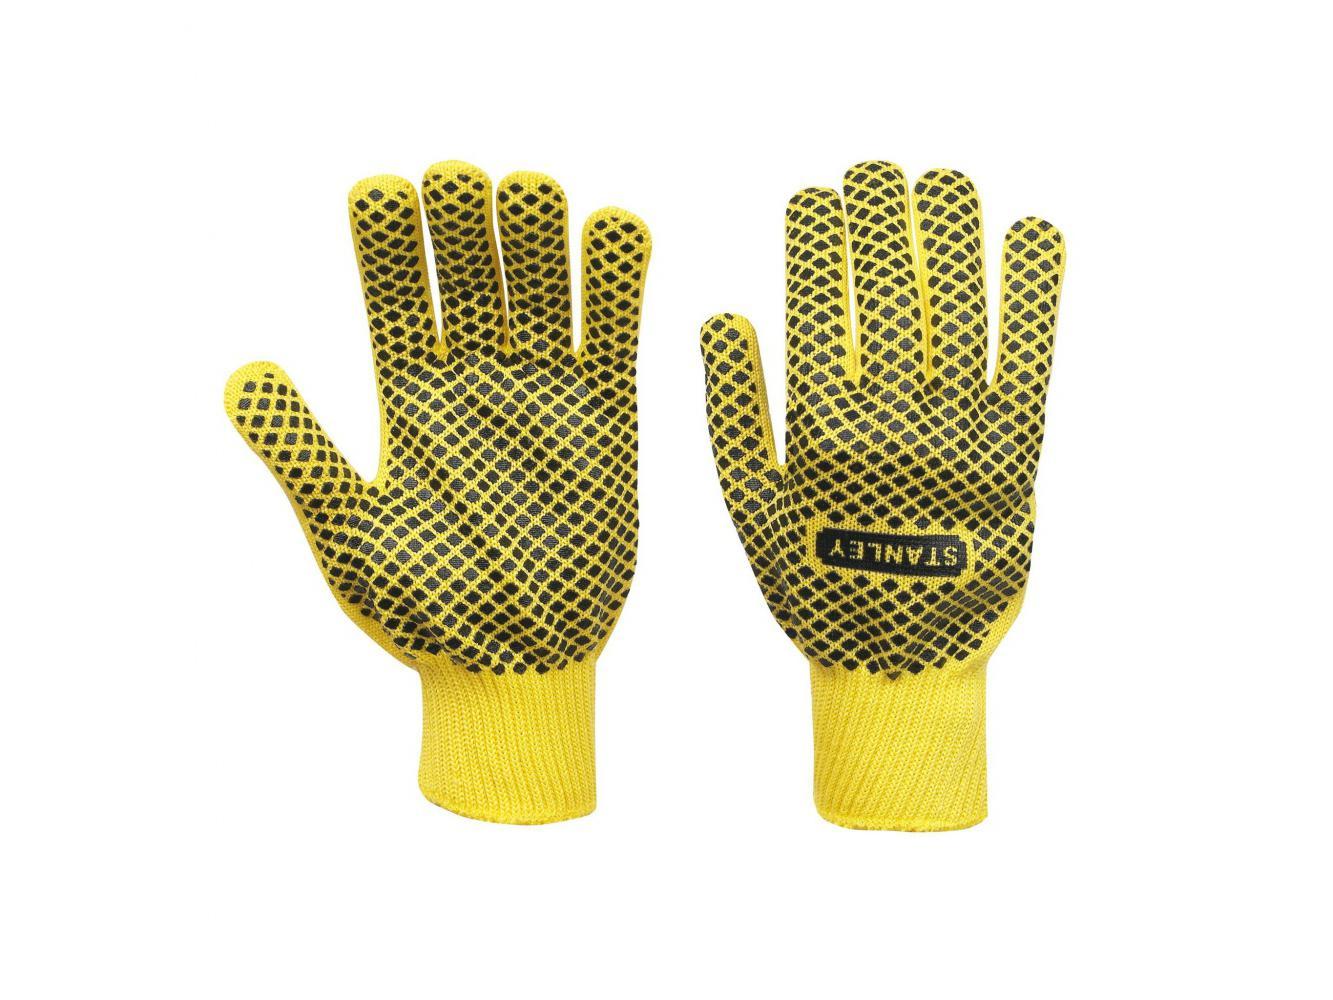 Stanley Diamond Grip Glove Size 10